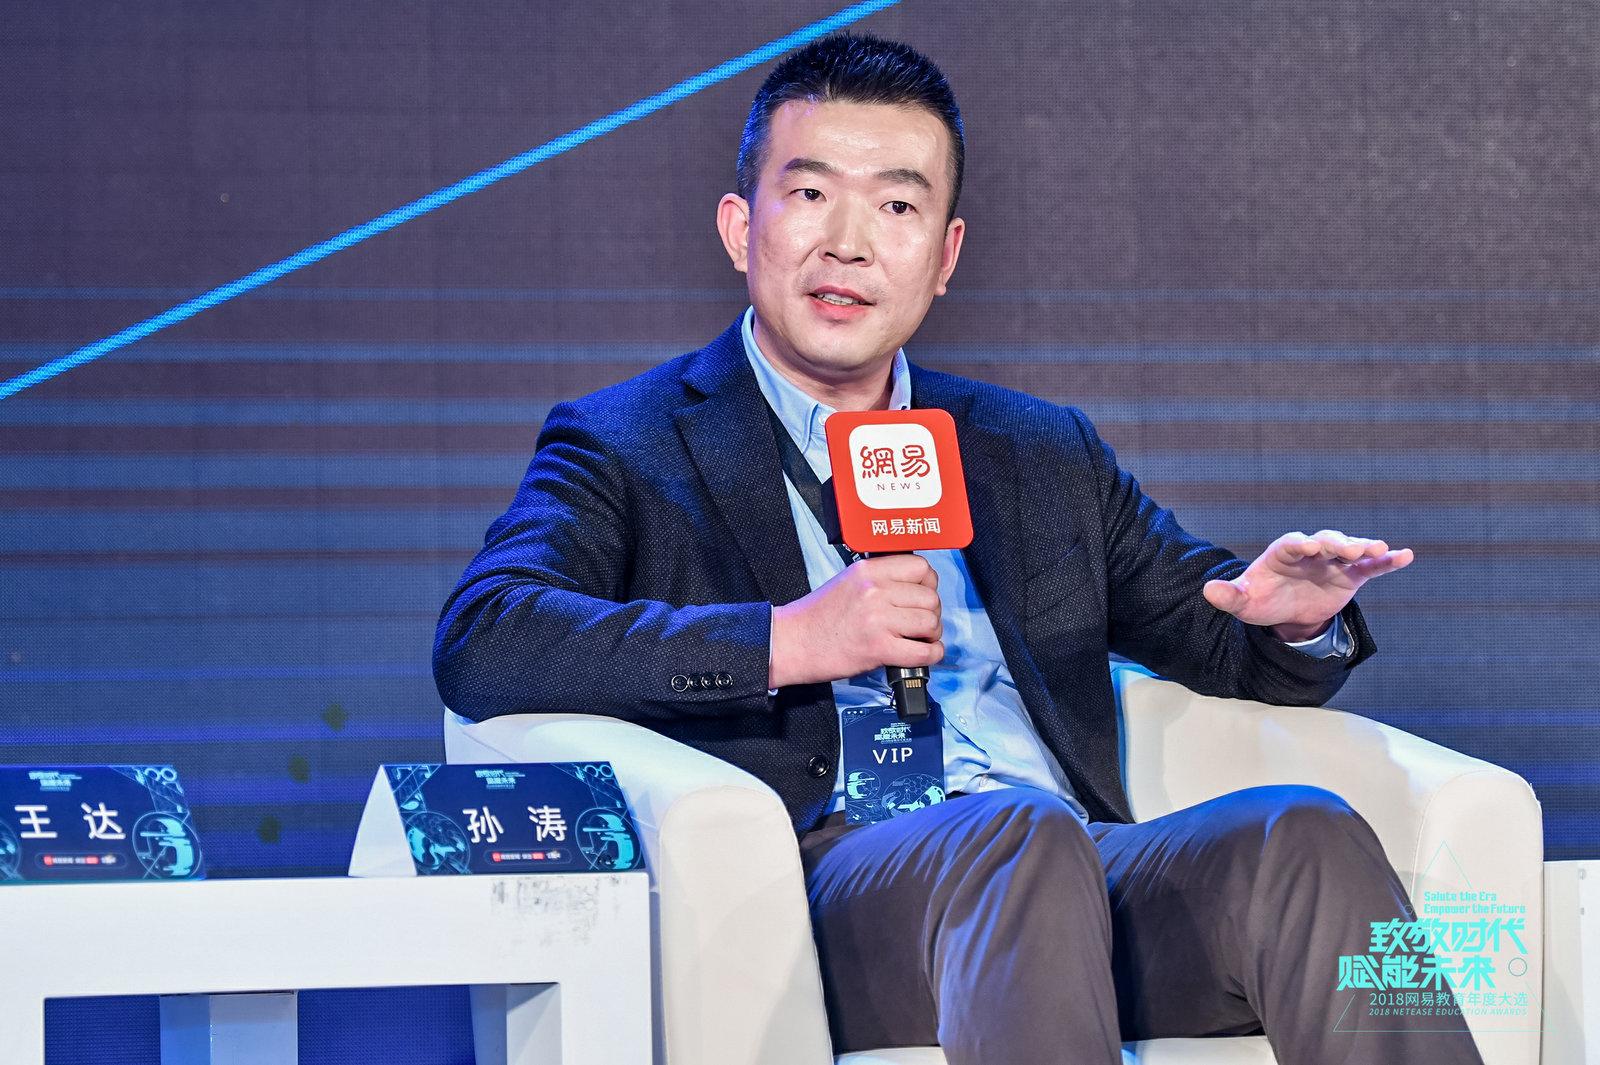 3新东方教育科技集团助理副总裁、新东方前途出国总裁 孙涛